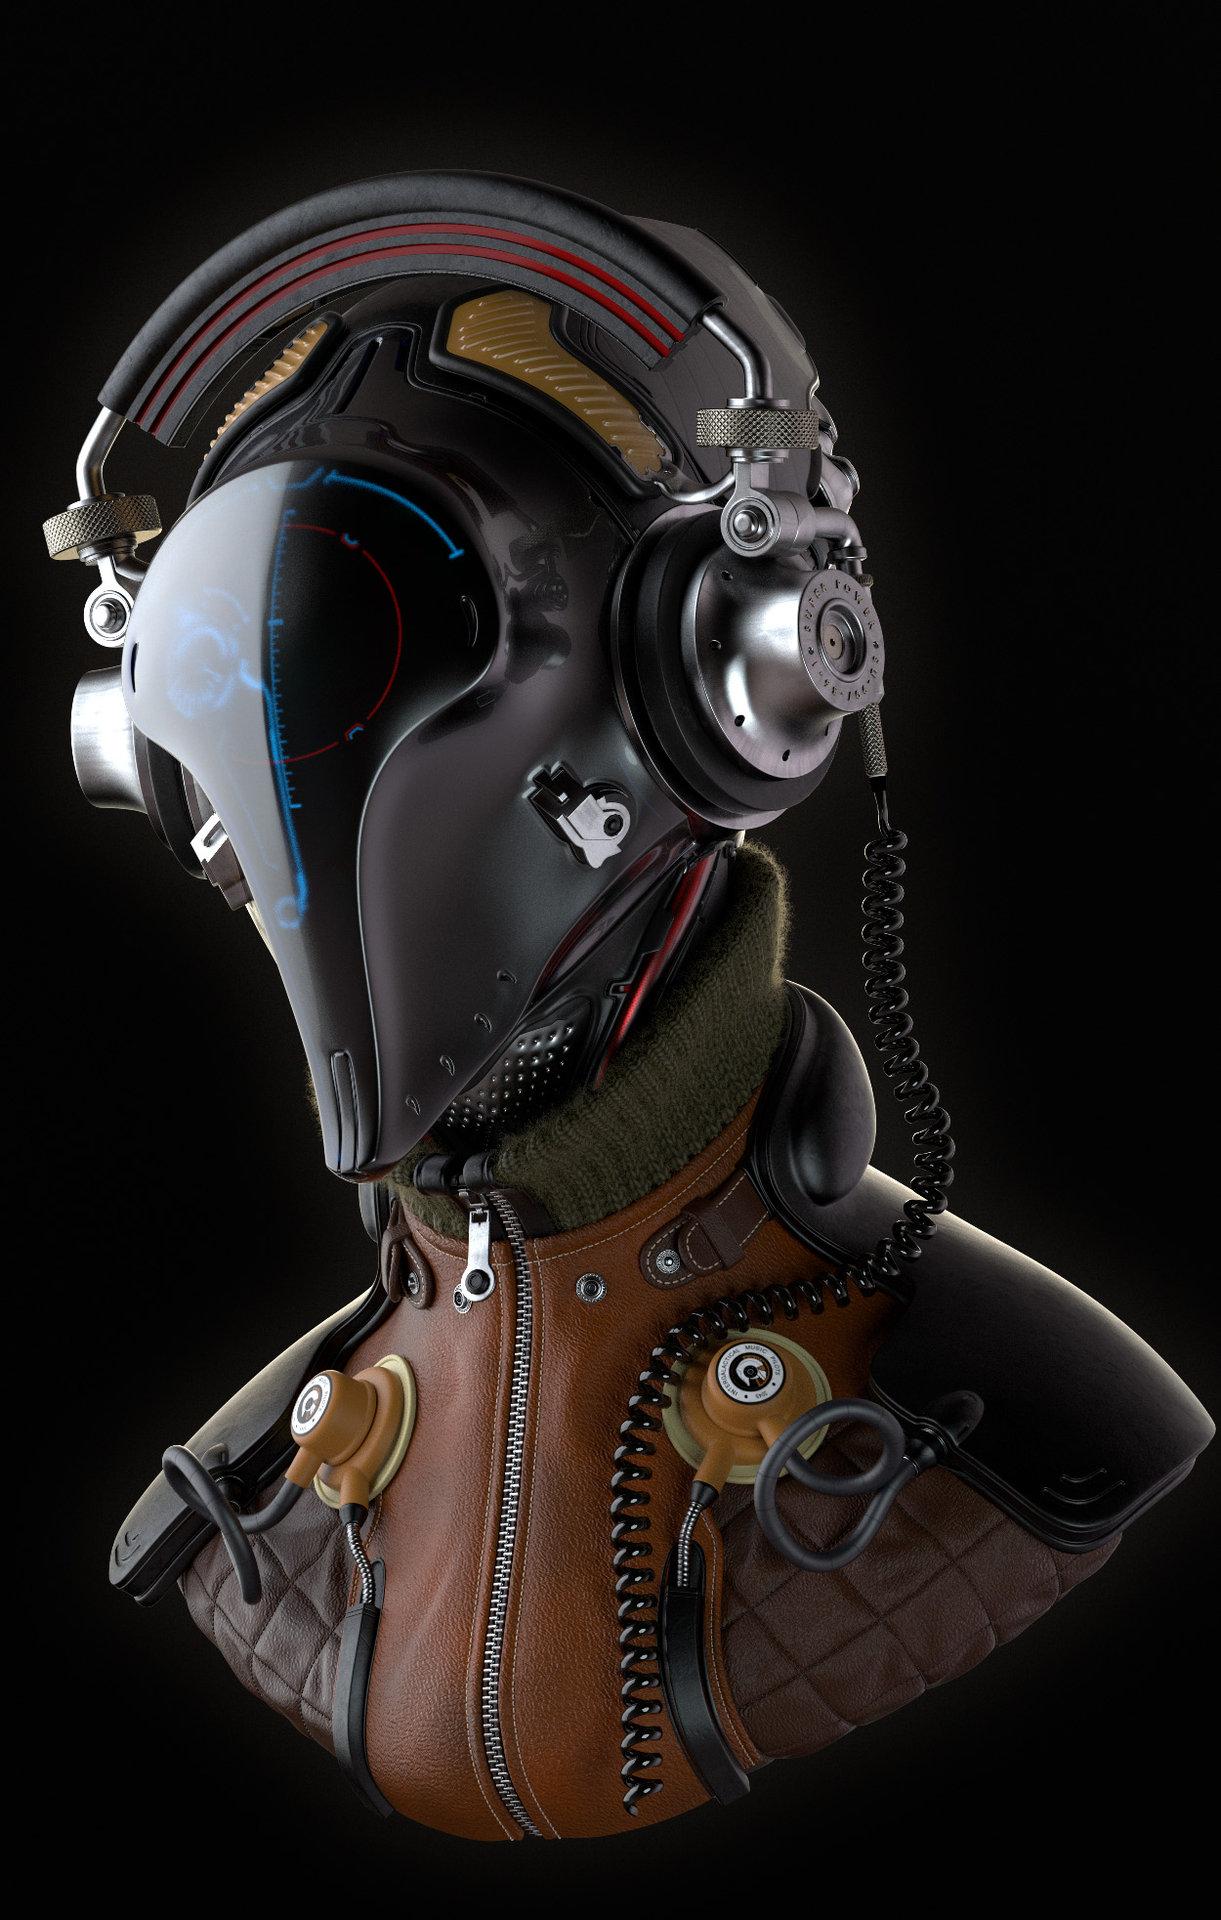 Oleg memukhin light1 helm